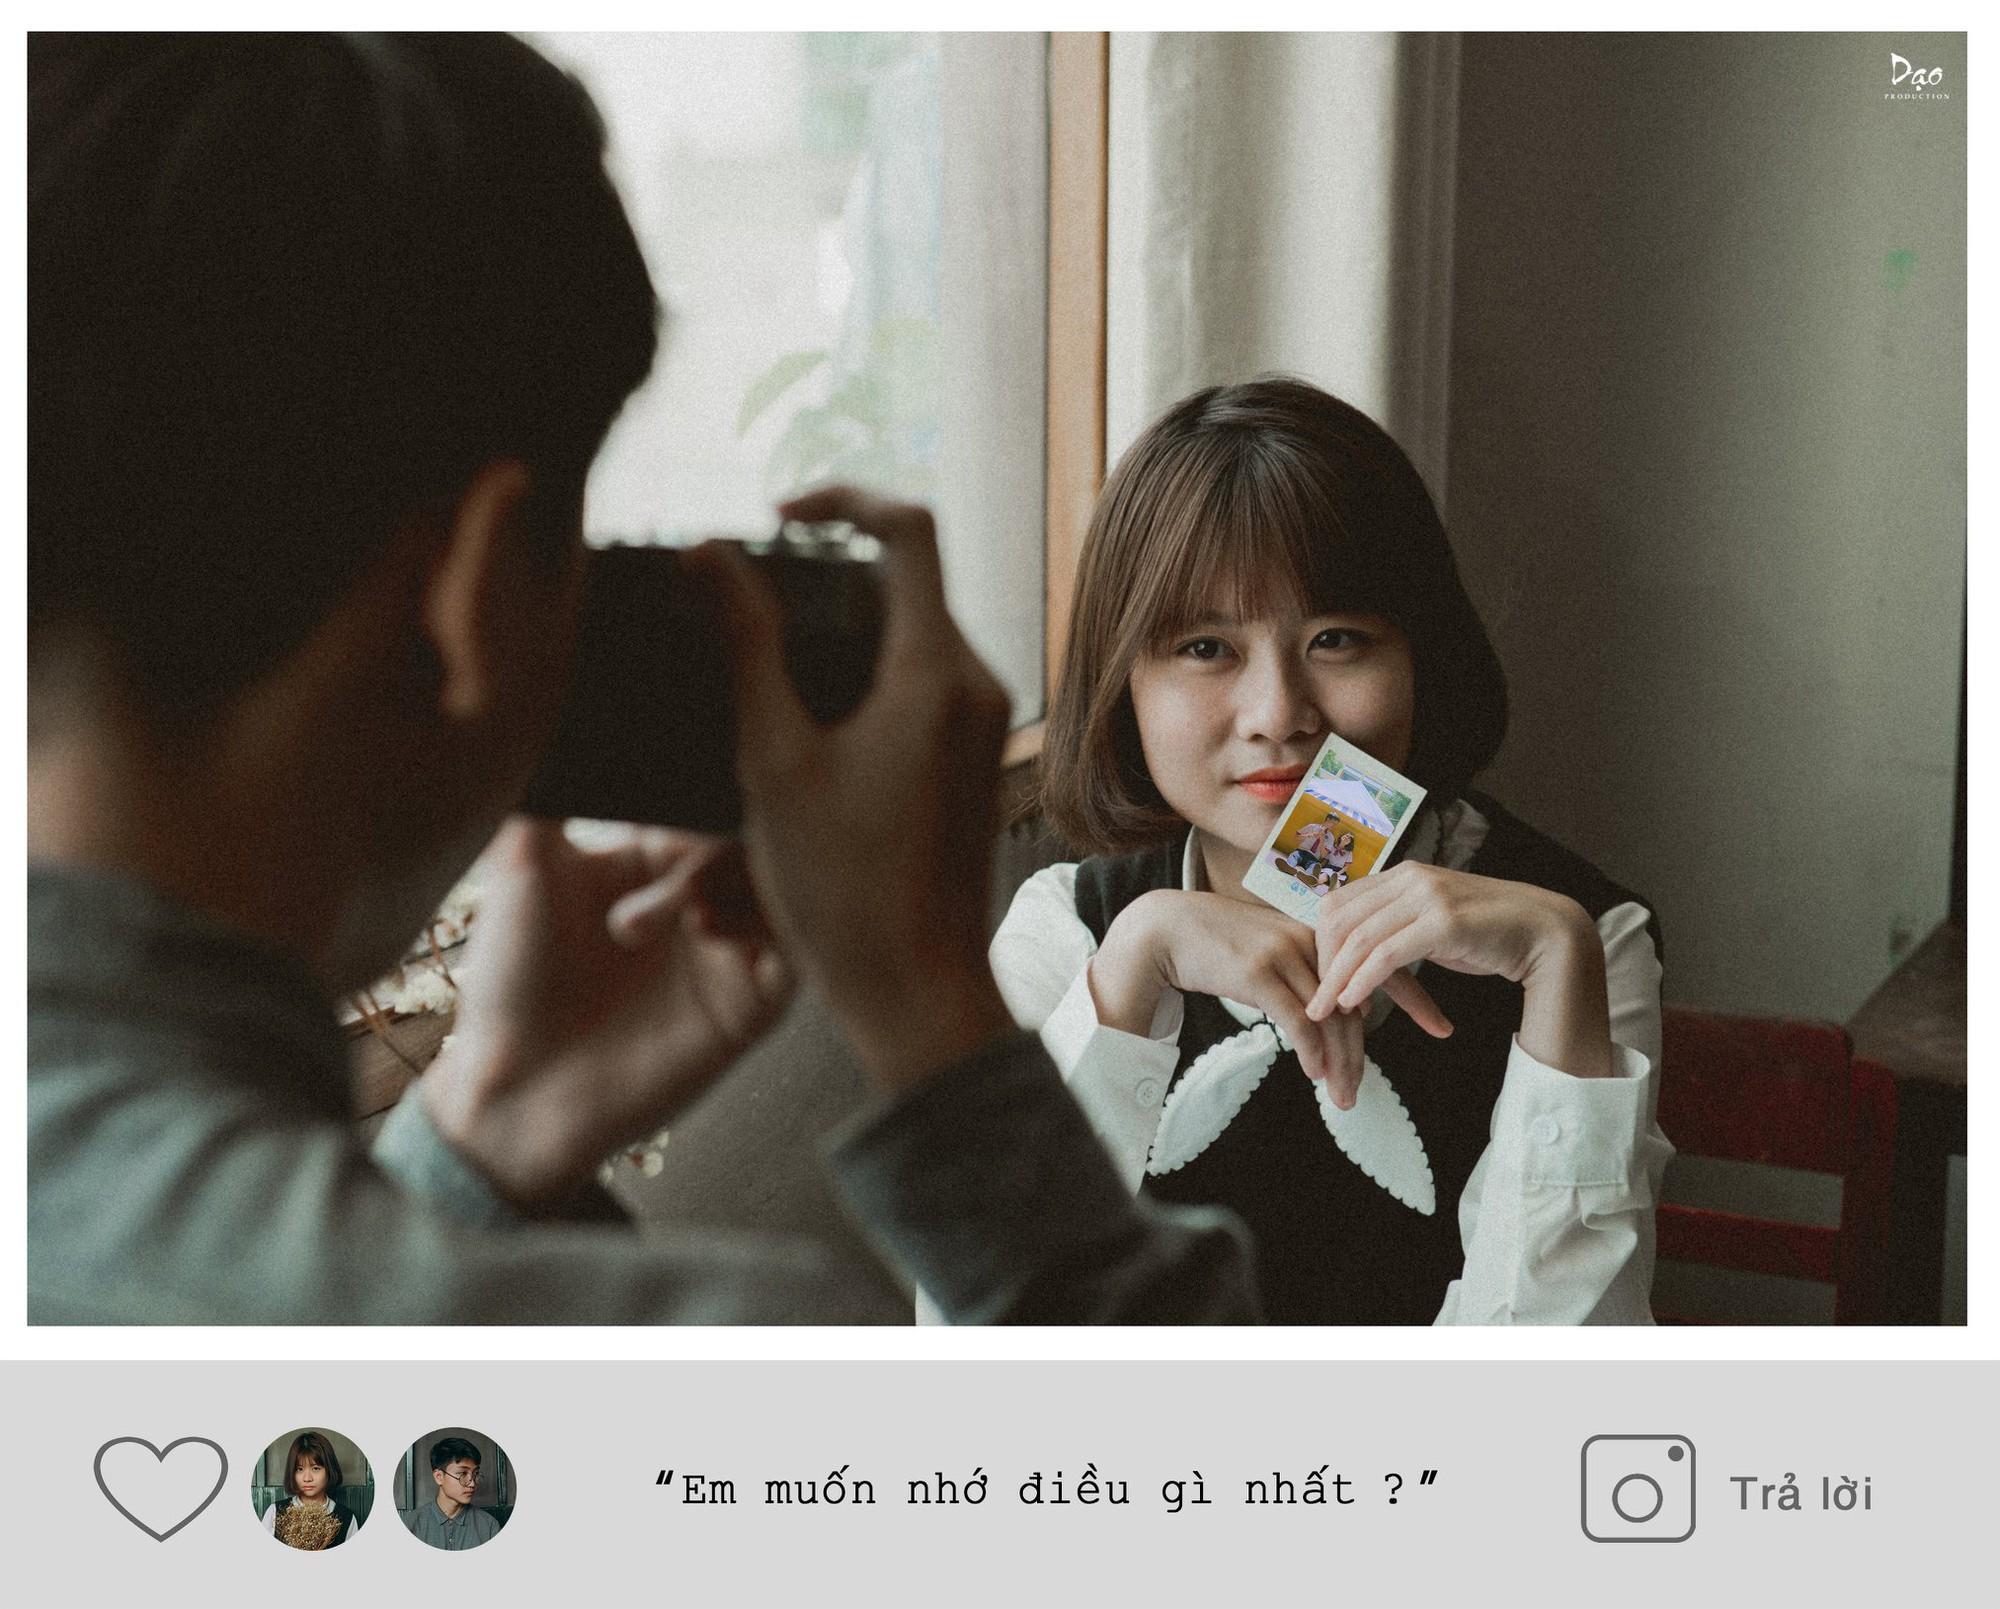 Bộ ảnh mới toanh của cặp đôi trường Trưng Vương từng được mến mộ nhờ mối tình chị em cực dễ thương - Ảnh 4.